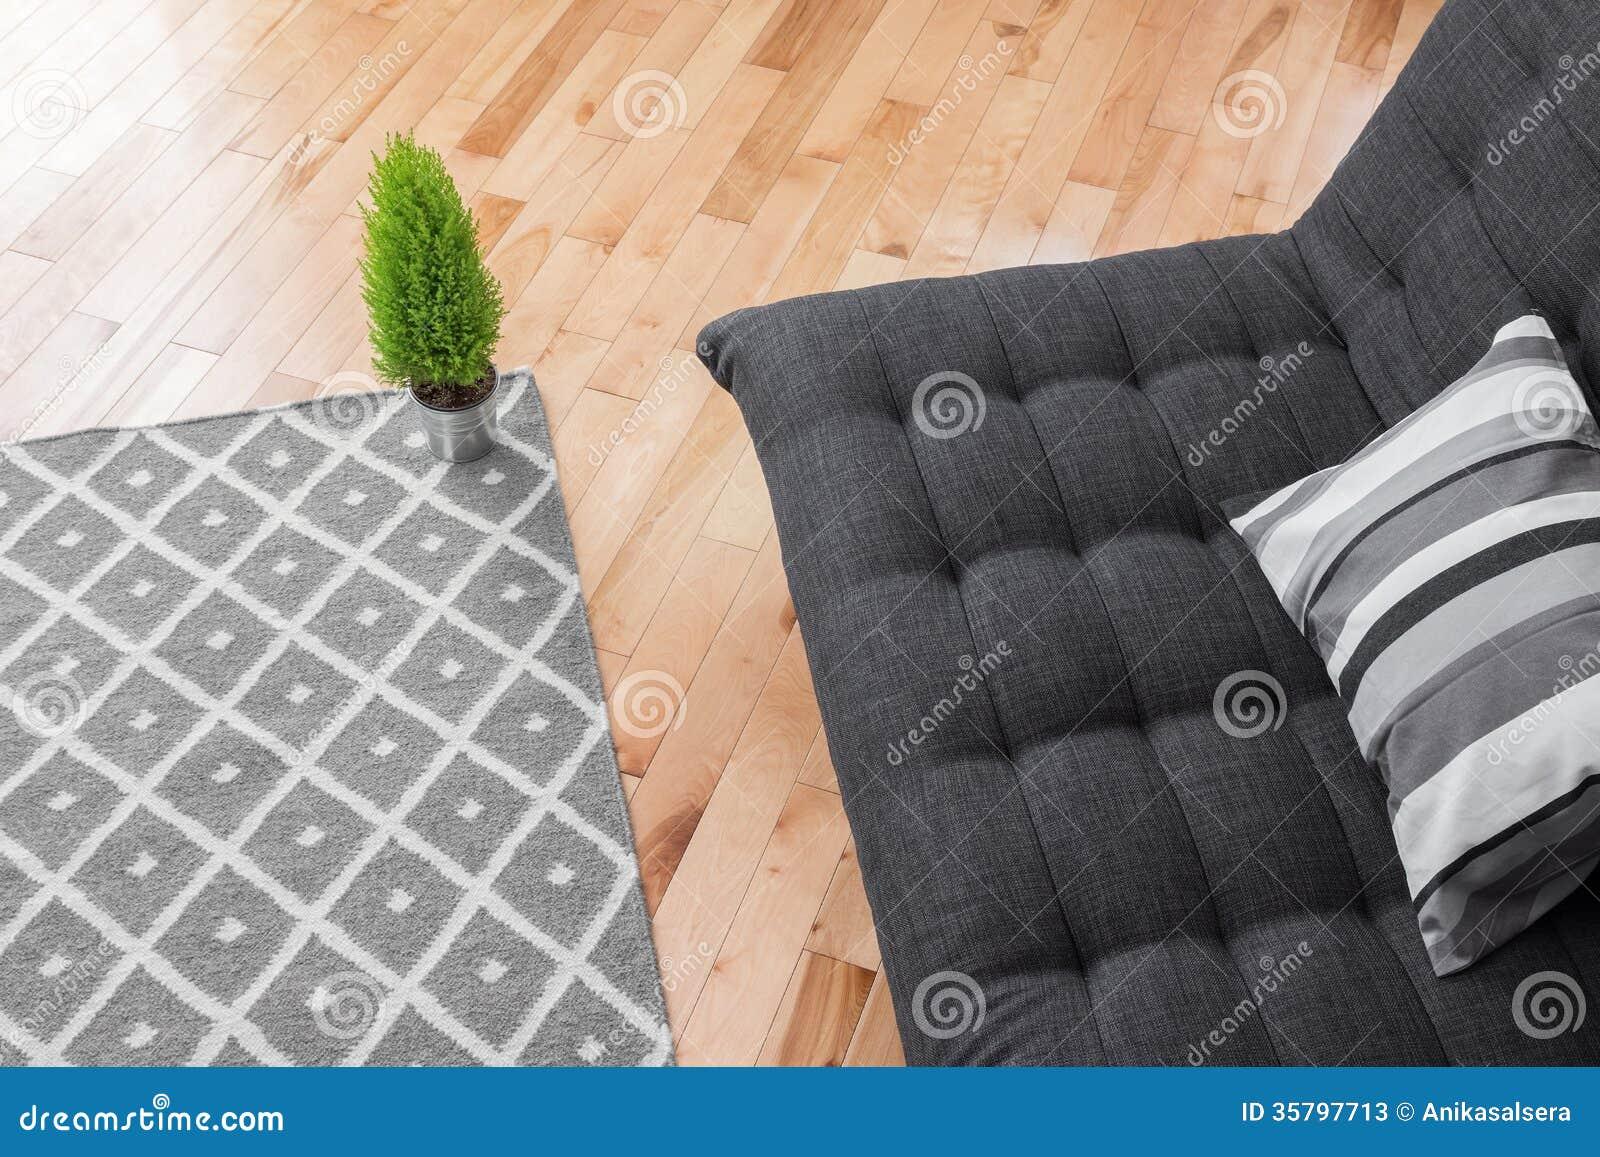 Wohnzimmer Mit Einfachem Dekor Stockbild - Bild: 35797713